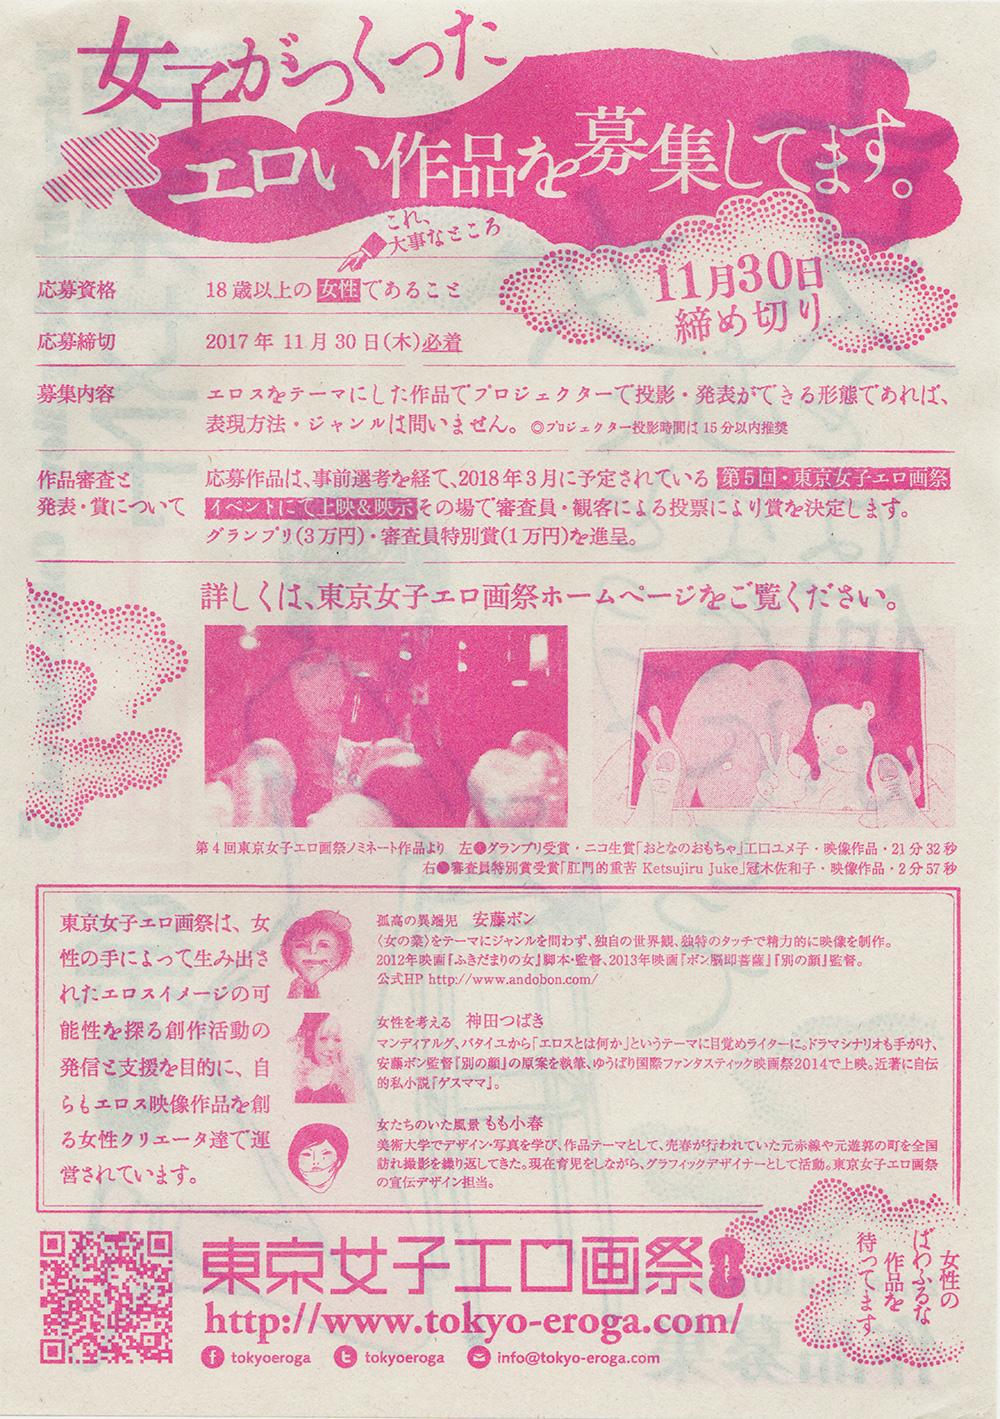 第5回東京女子エロ画祭作品募集チラシ 裏